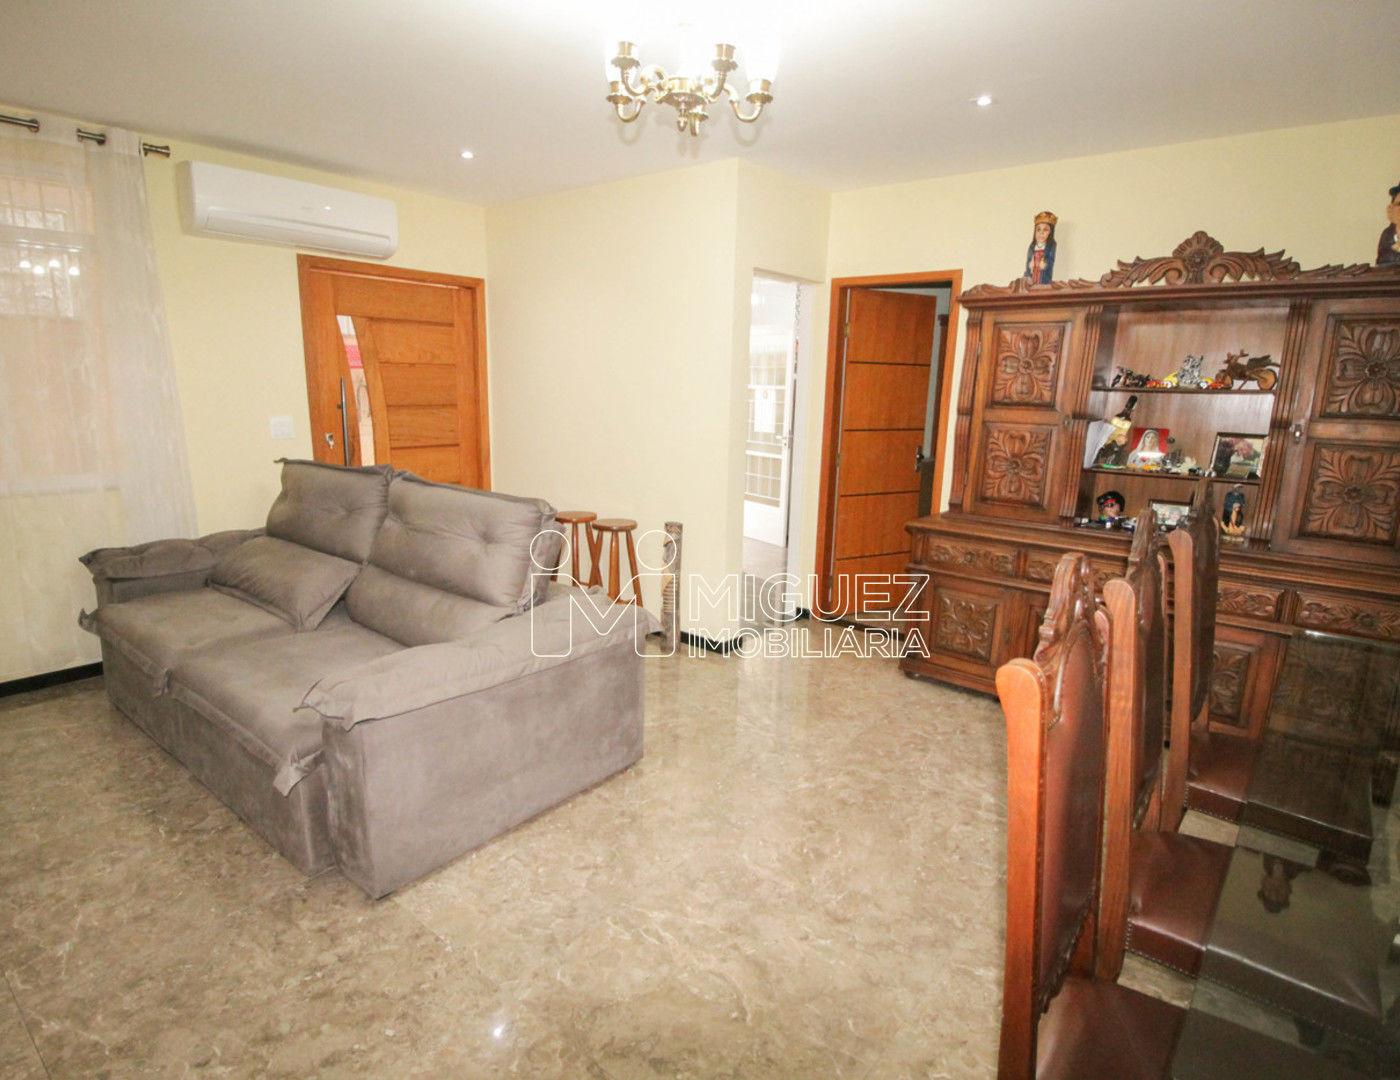 Casa, venda, Rua Marechal Bittencourt - Riachuelo , Rio de janeiro